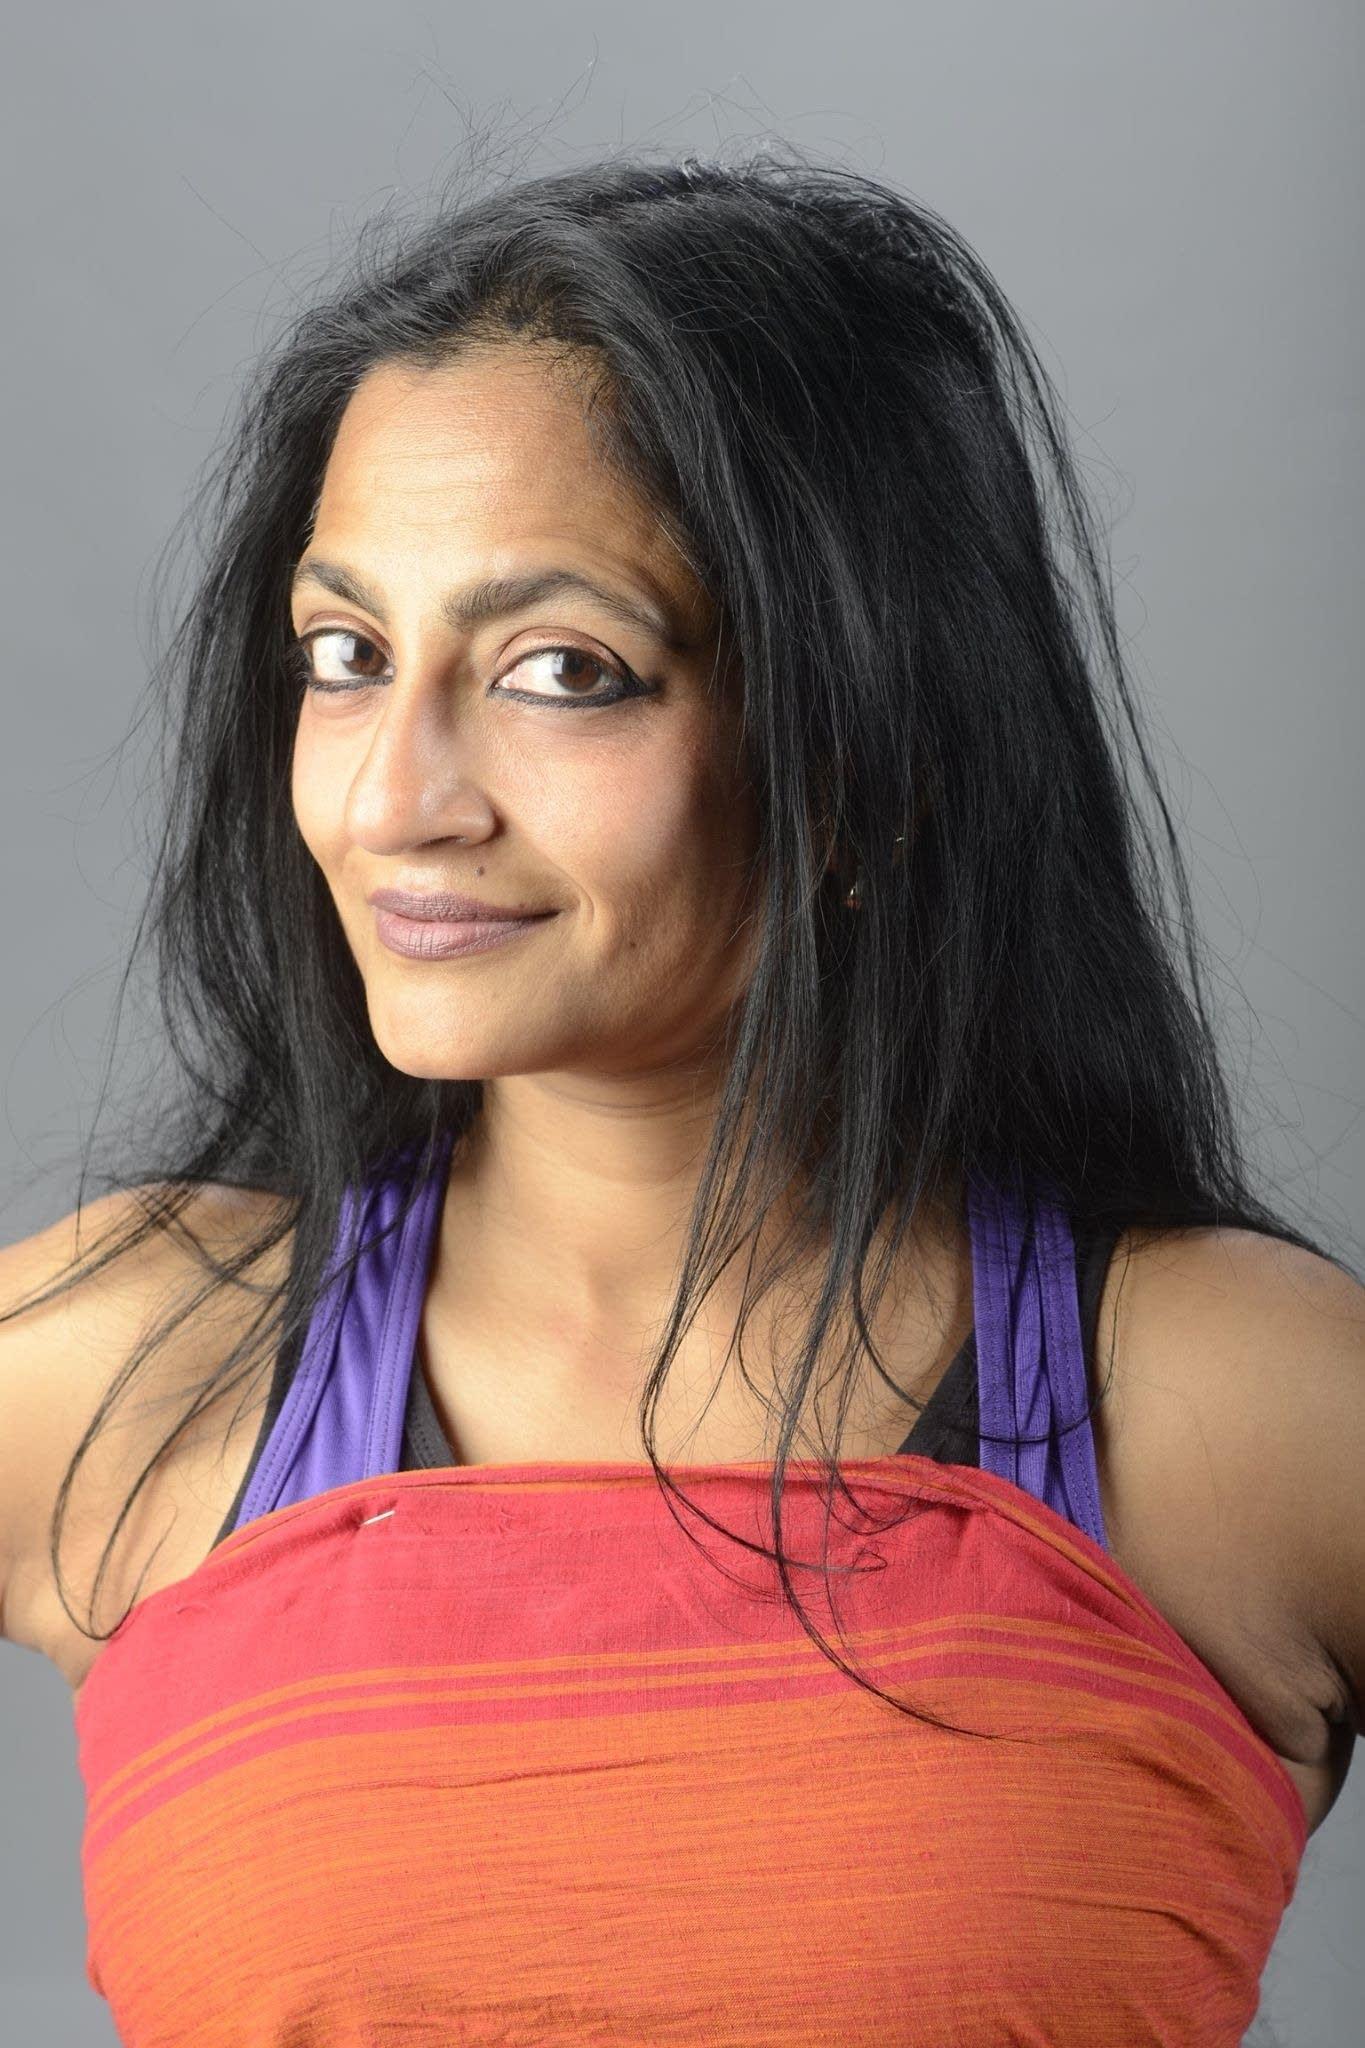 Ananya Dance Theatre founder Ananya Chatterjea